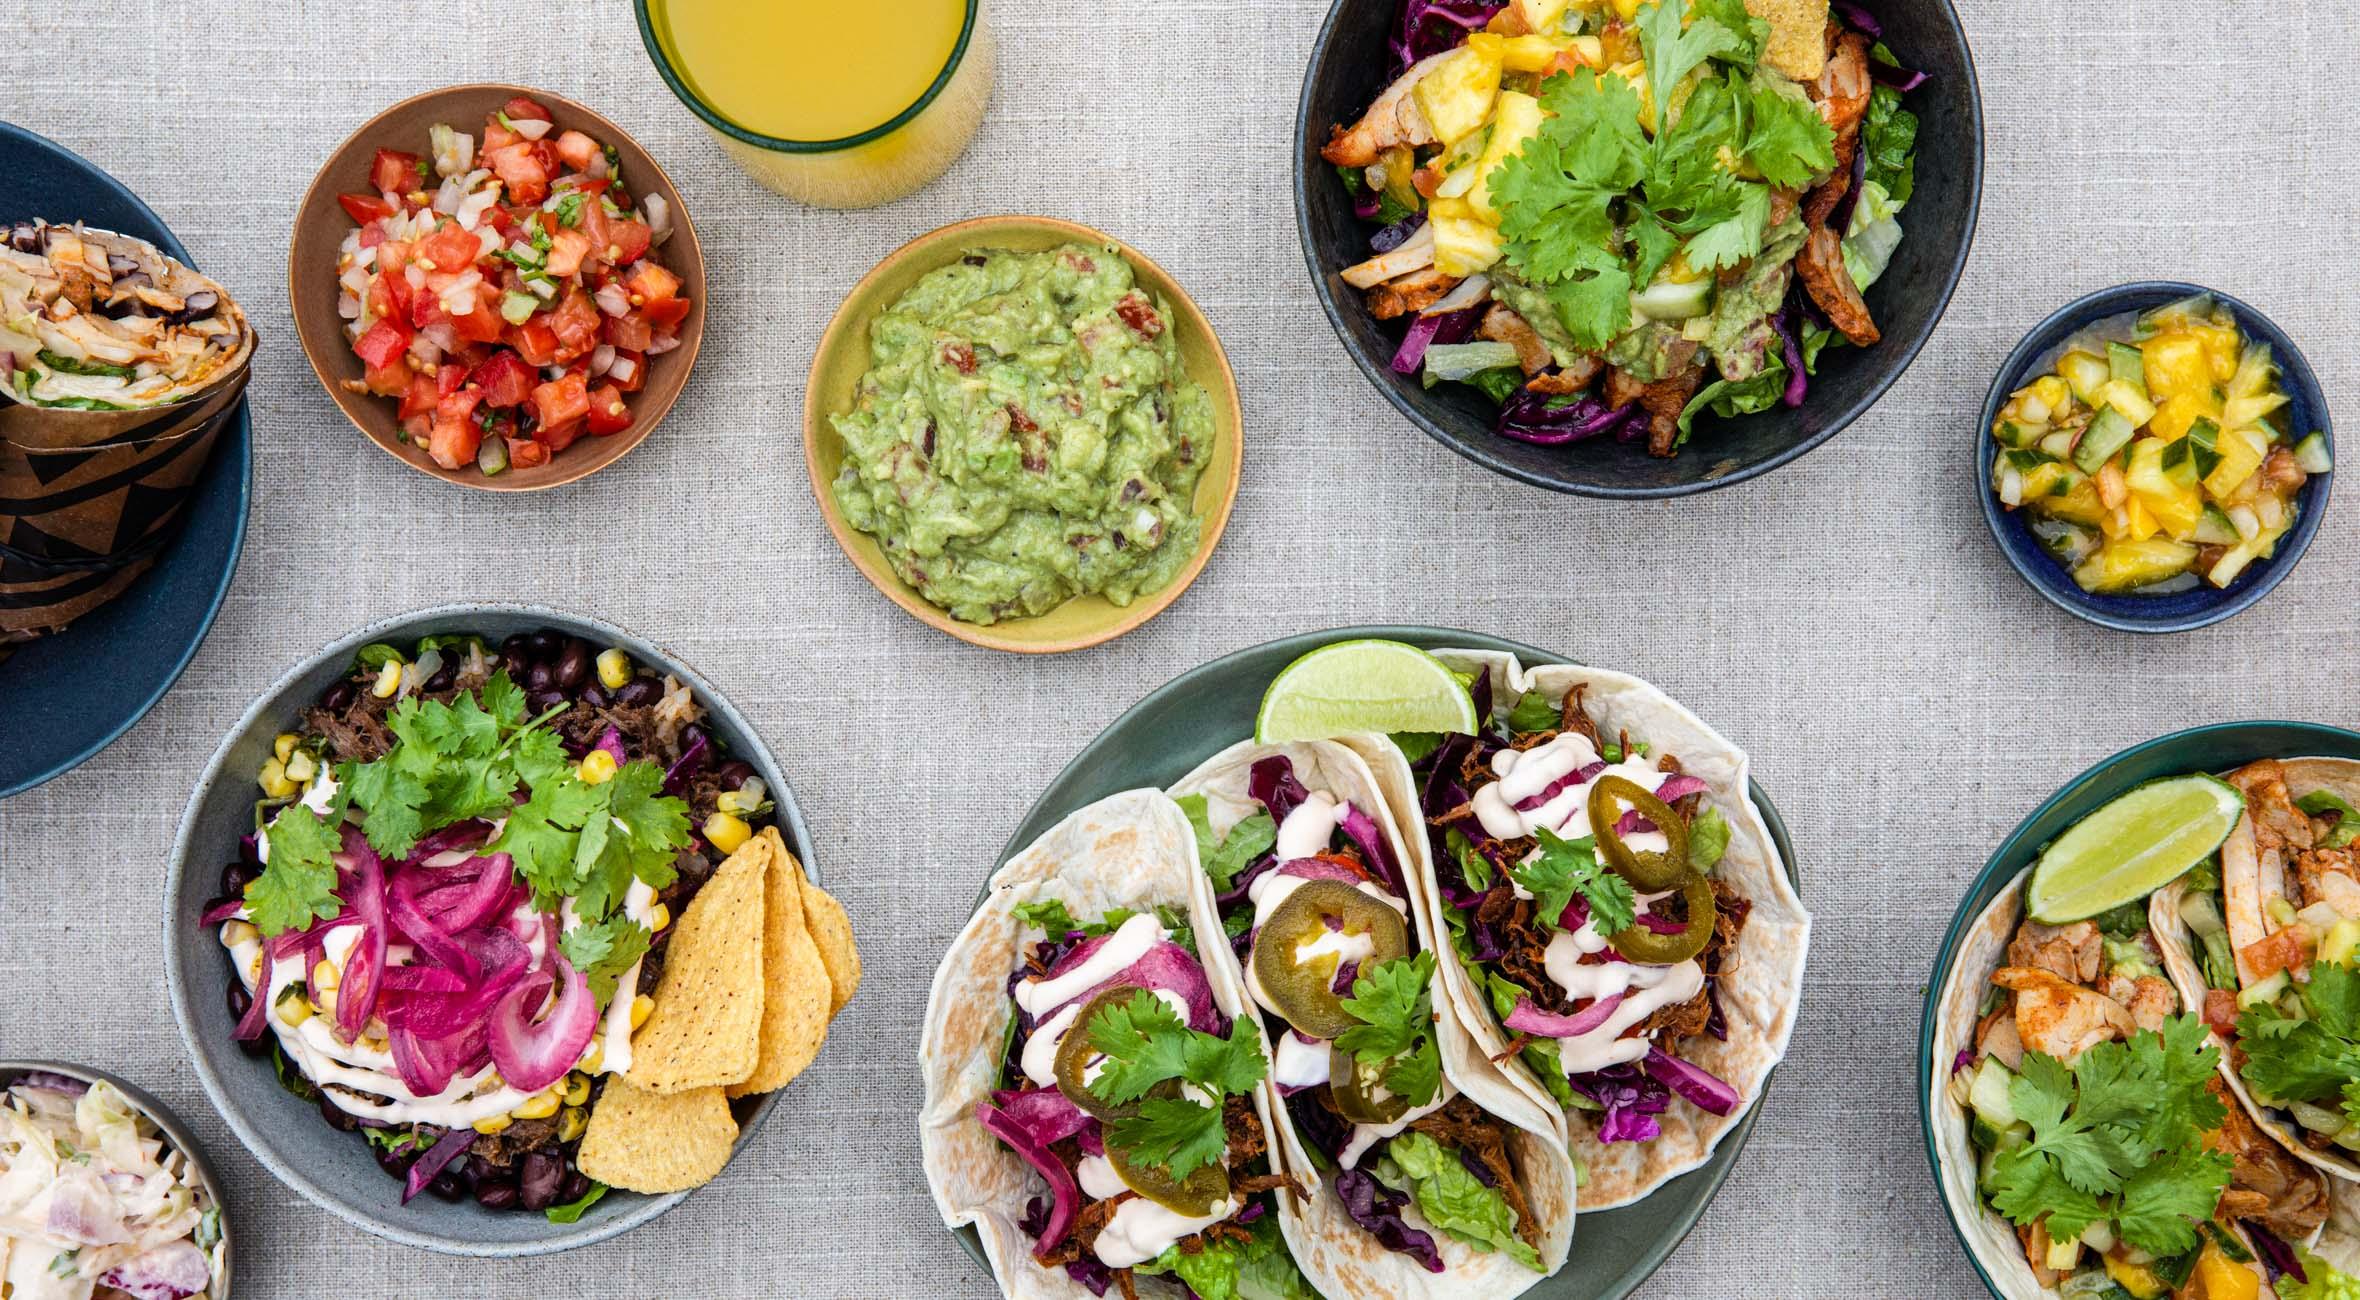 Mexican feast for 2 personer hos Zócalo i Tivoli Food Hall – Invitér venner og veninder på alt fra tacos til burritos, mexi-bowls & nachos